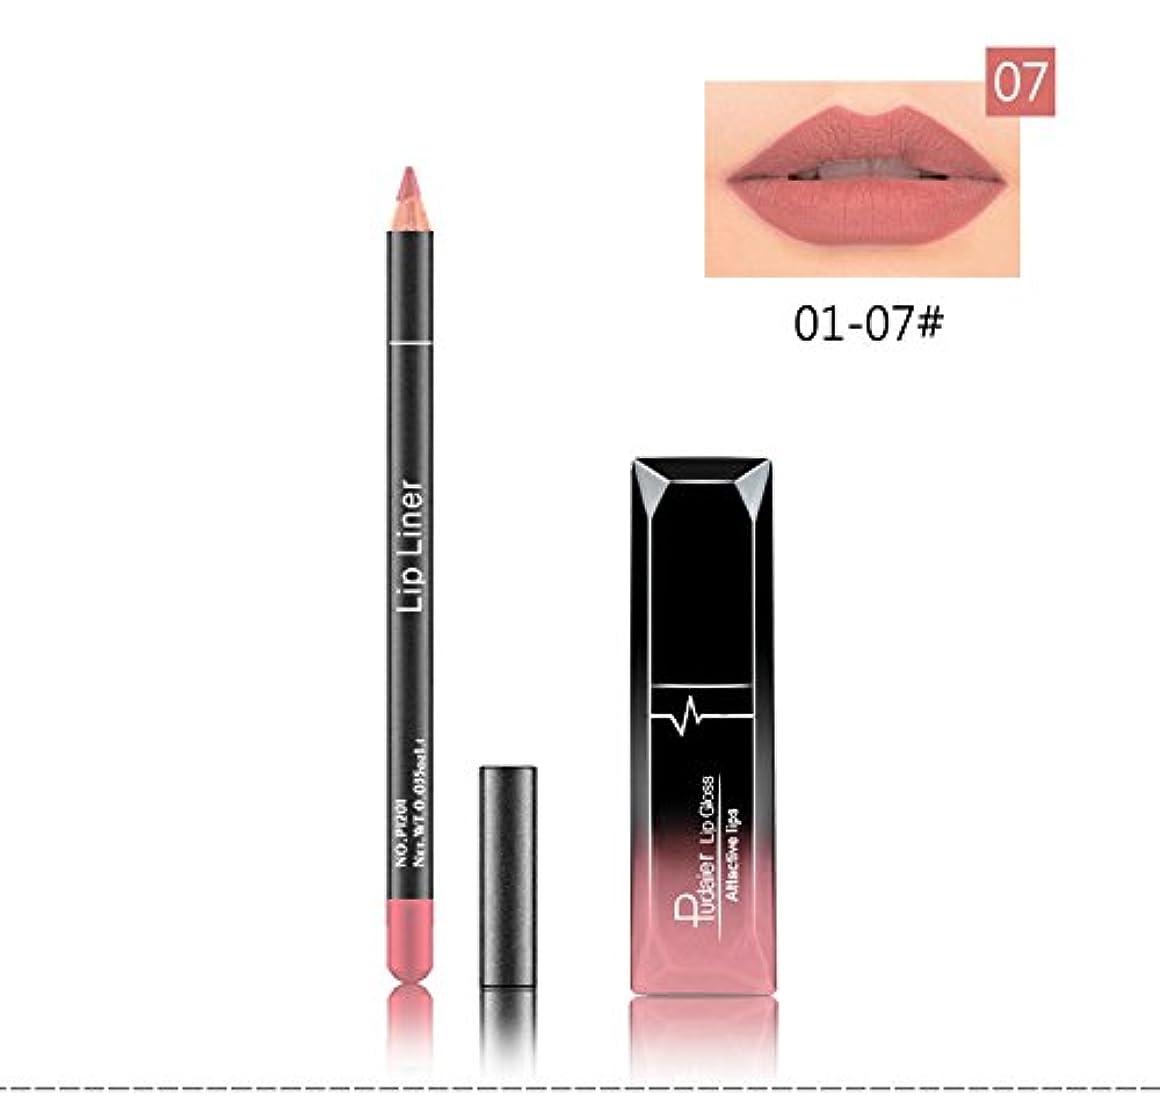 エイズ教え宗教的な(07) Pudaier 1pc Matte Liquid Lipstick Cosmetic Lip Kit+ 1 Pc Nude Lip Liner Pencil MakeUp Set Waterproof Long...